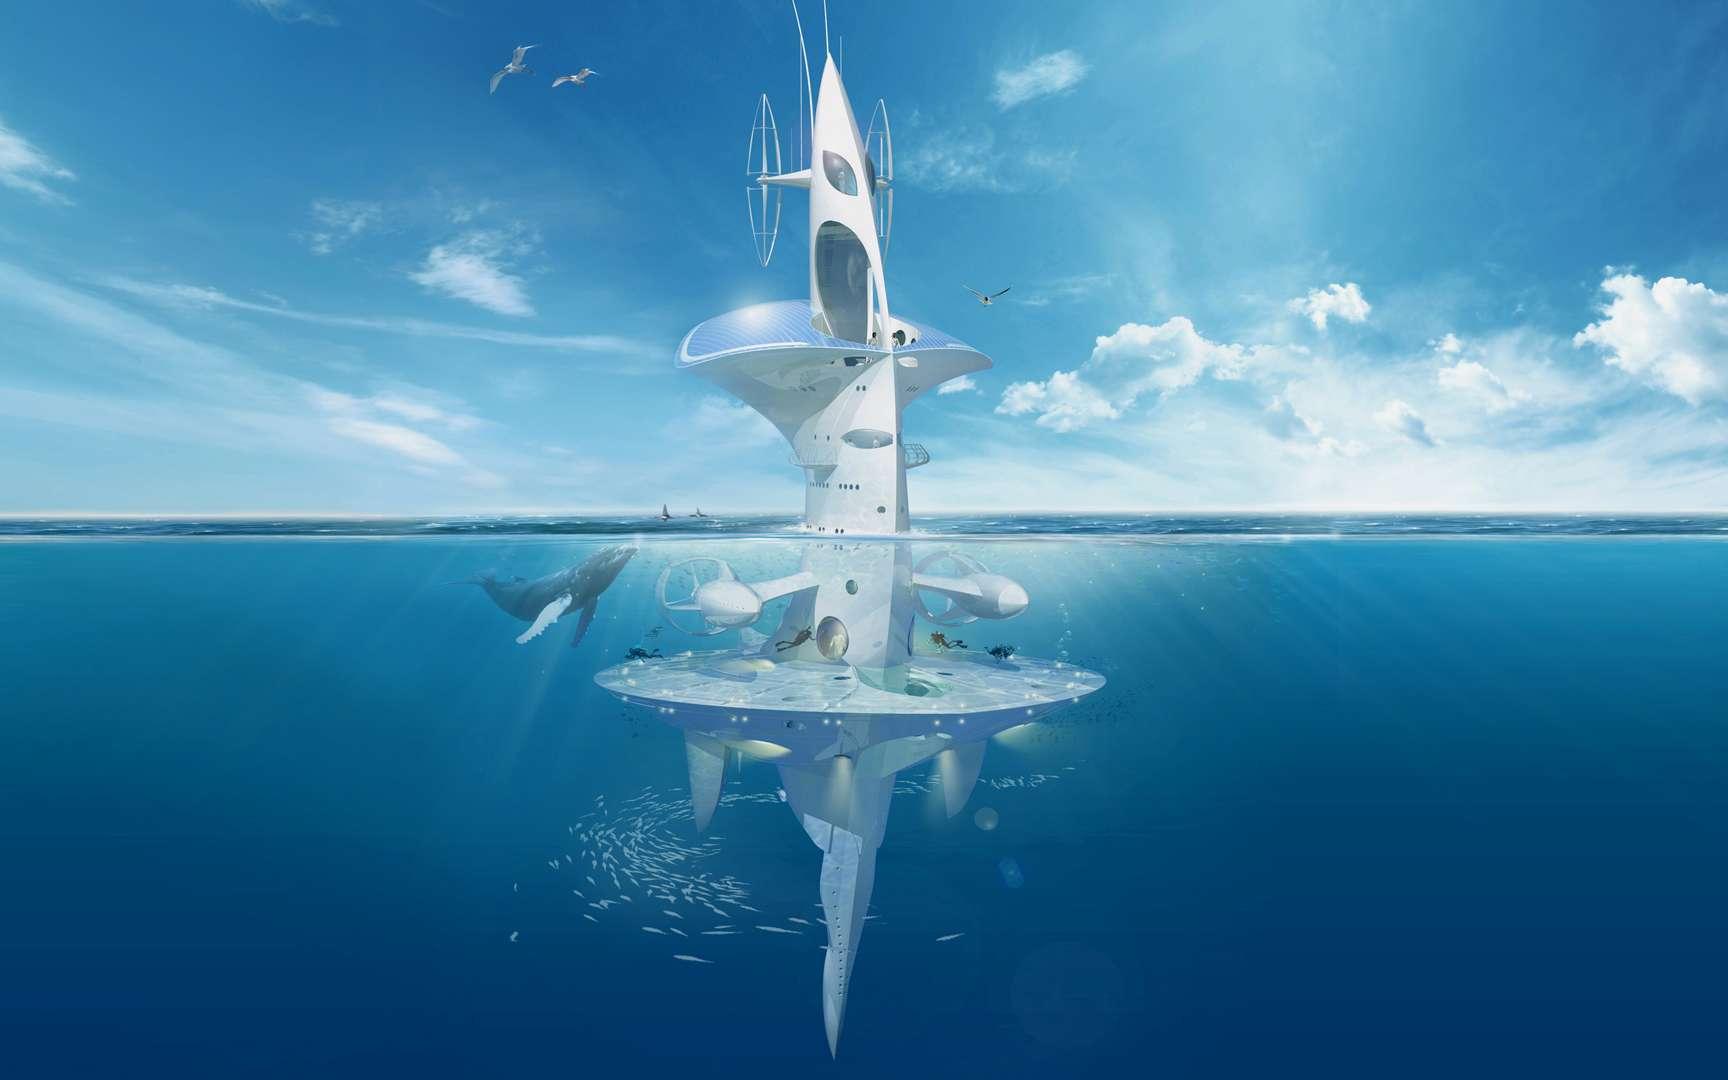 Sea Orbiter, le navire pour les océanographes. Navire dérivant, Sea Orbiter est un bâtiment océanographique permettant l'installation à bord d'équipes d'océanographes pour de longues durées, ce que ne permettent pas les bateaux classiques. Sous le niveau de la mer, les plongeurs, ainsi que des submersibles, peuvent aller et venir sans devoir passer par la surface. Des éoliennes et des panneaux photovoltaïques assurent une partie de l'alimentation électrique. © Jacques Rougerie